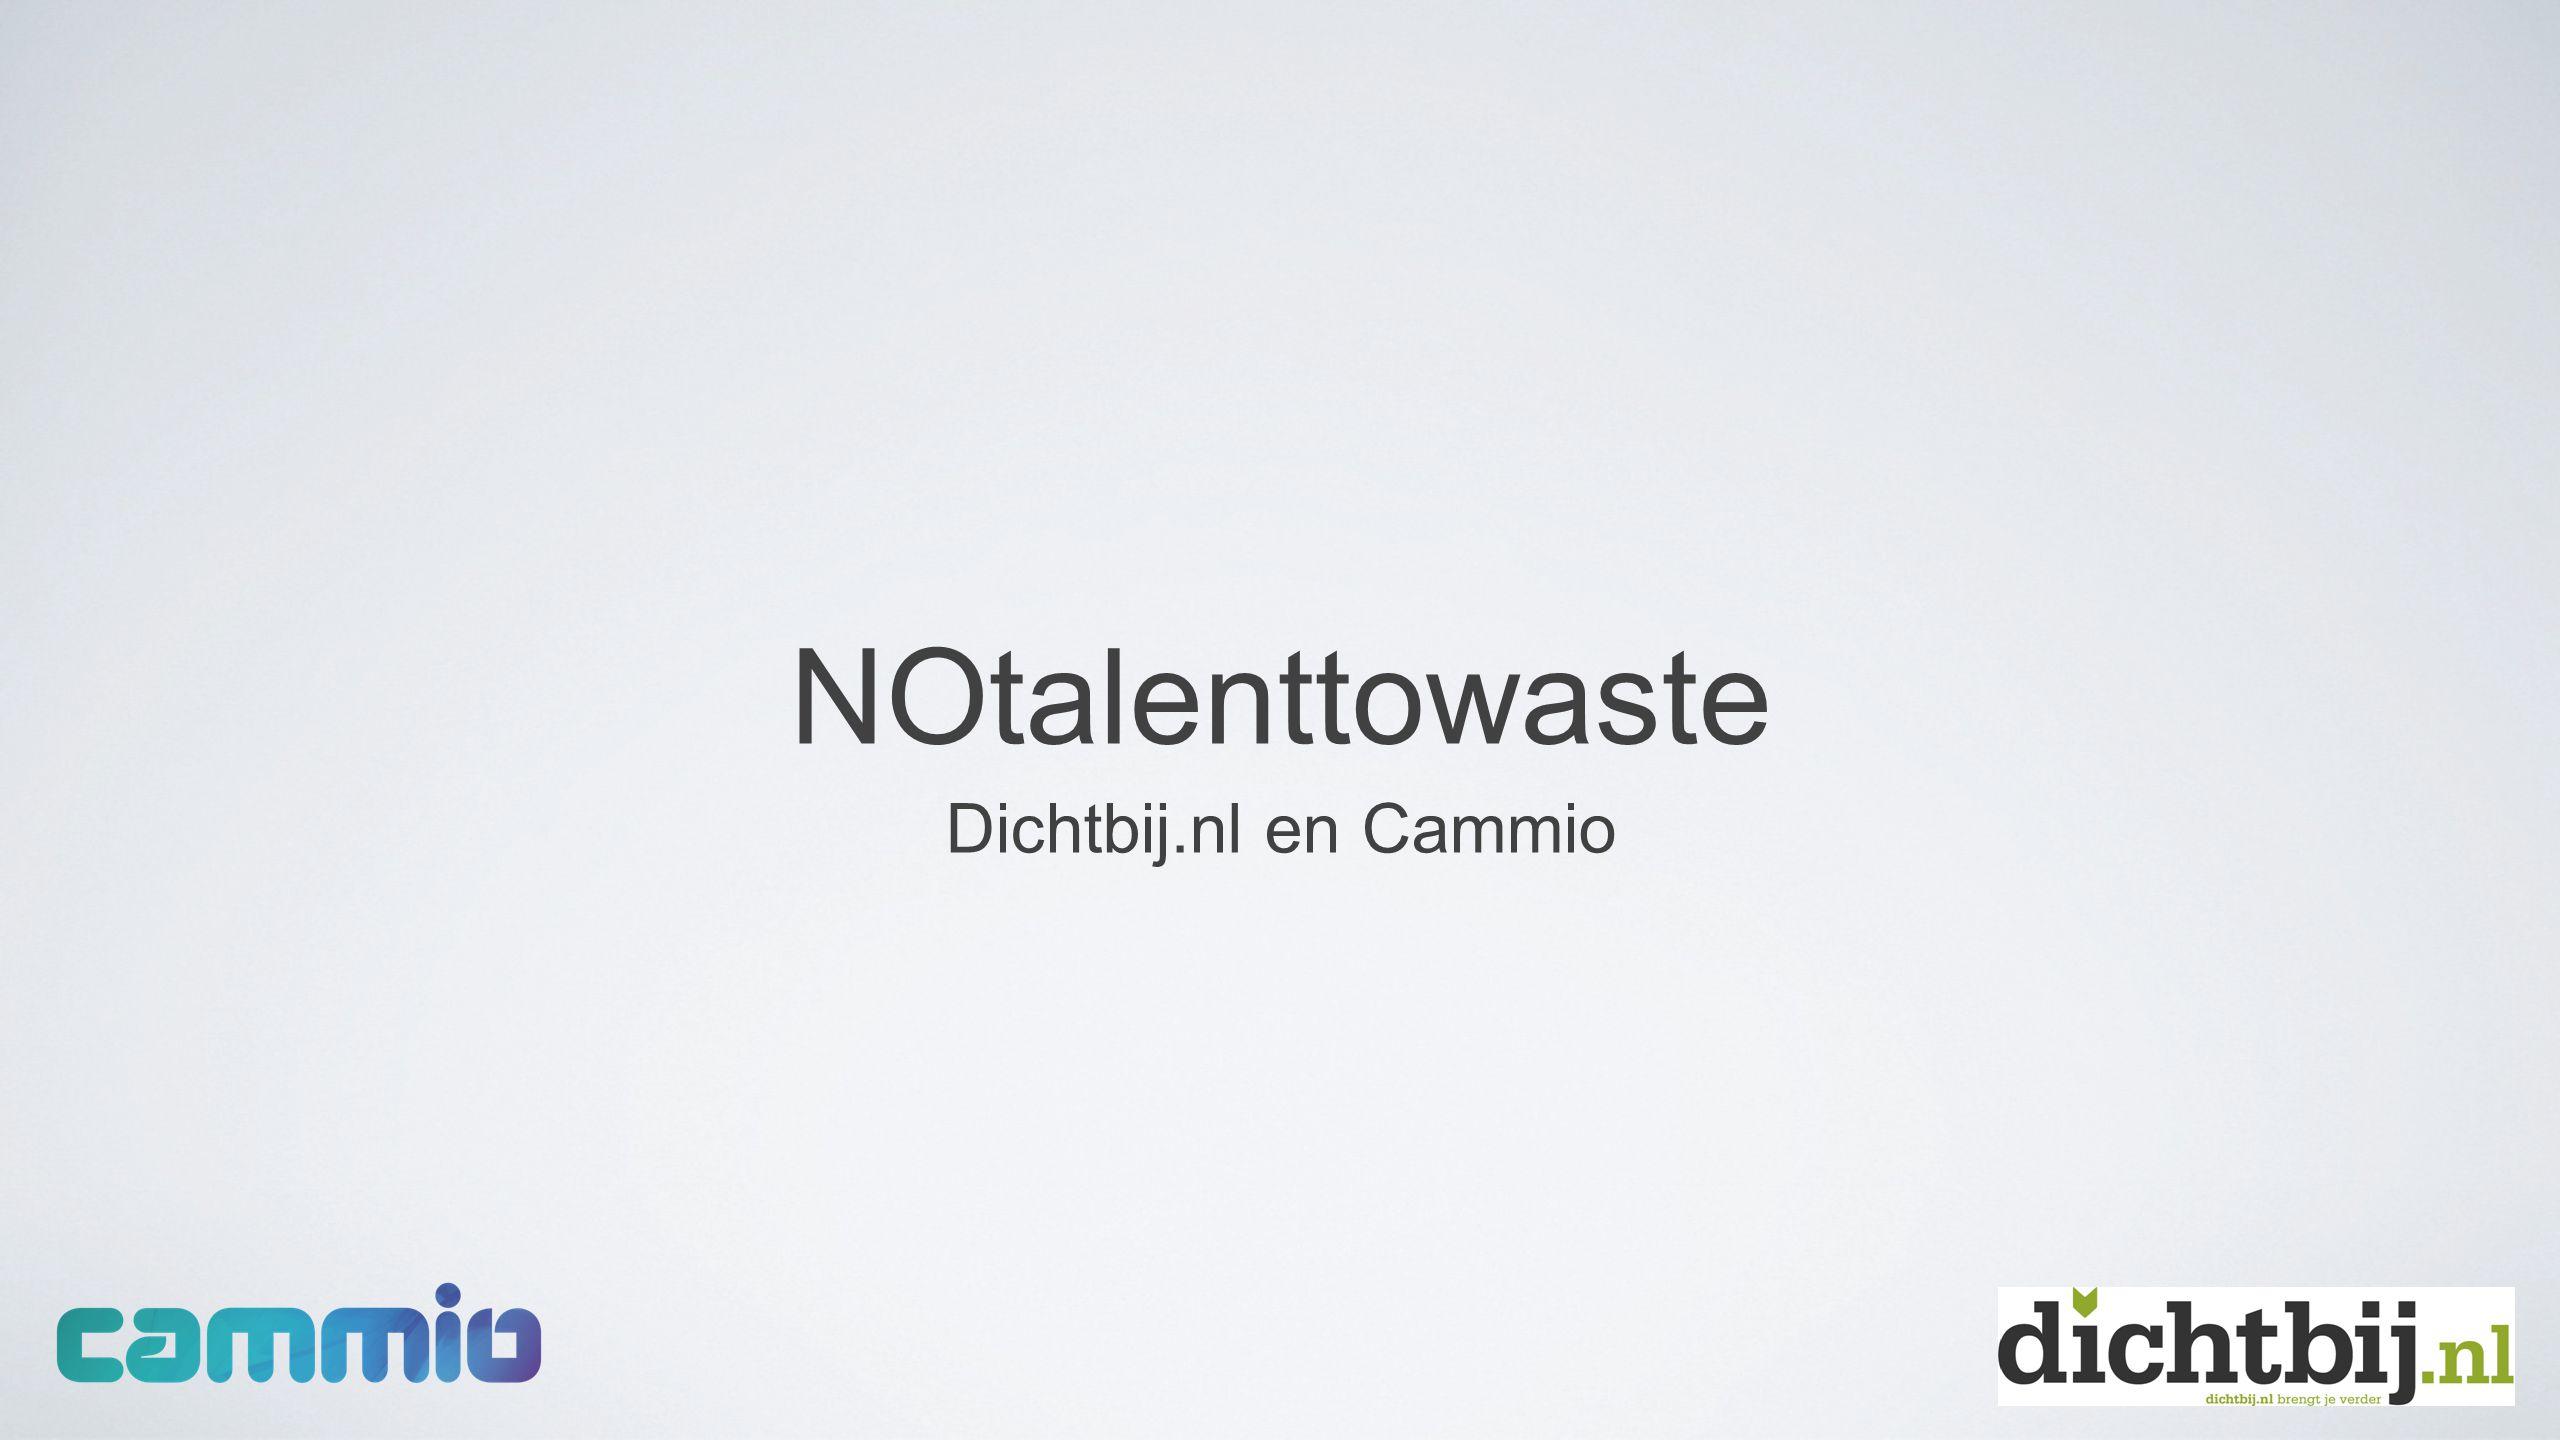 NOtalenttowaste Dichtbij.nl en Cammio